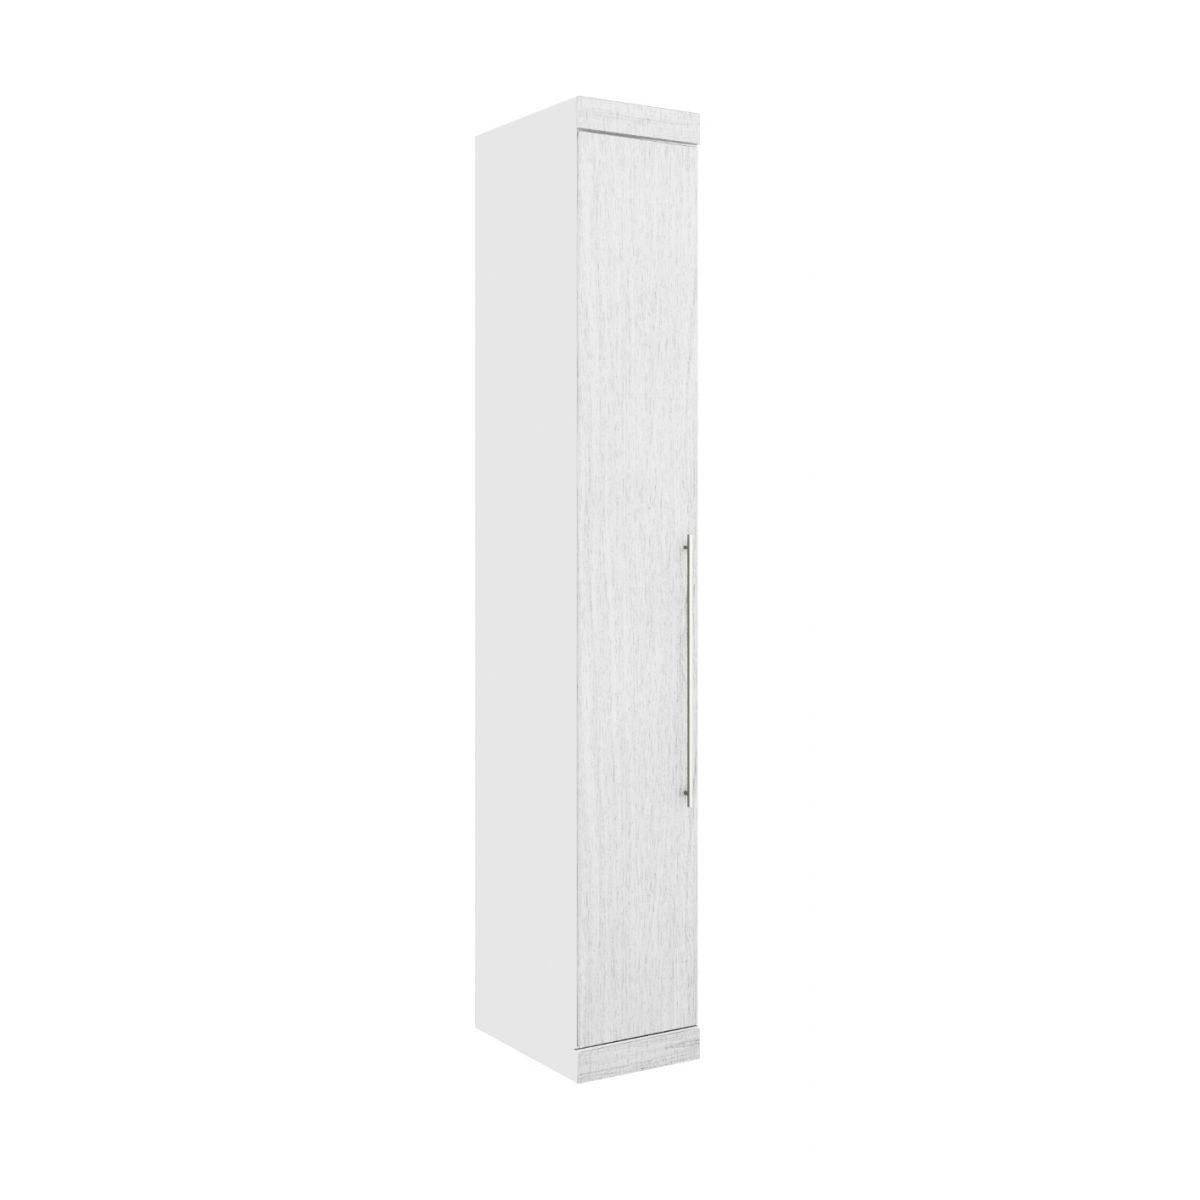 Armário Modulado Supreme 1 Porta Com Prateleira 35cm II Branco Fosco e Branco Madeirado Robel Móveis